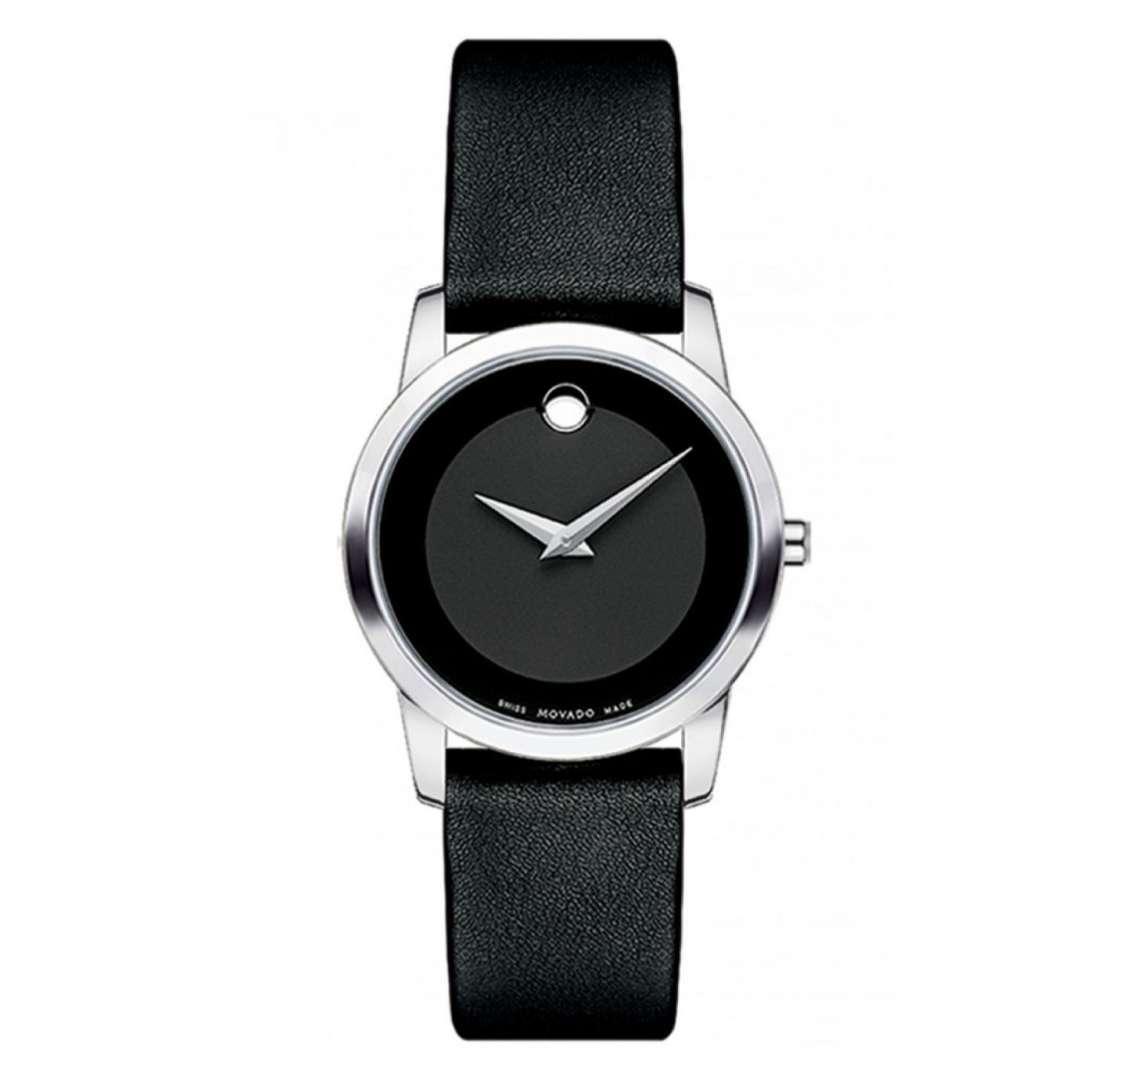 שעון יד אנלוגי 0606503 Movado מובאדו